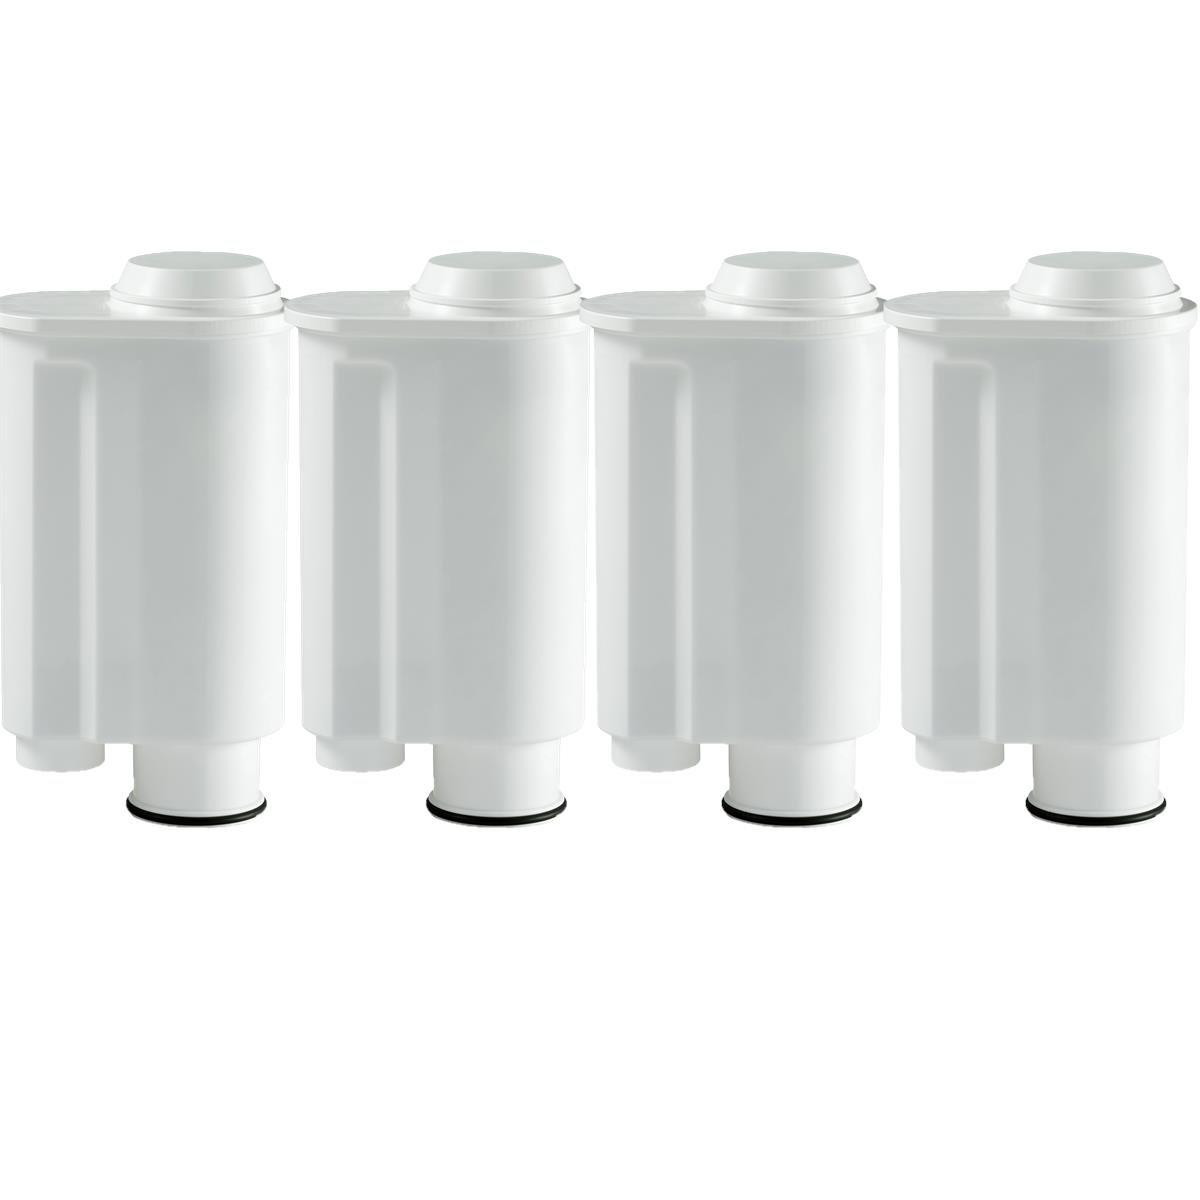 4 Wasserfilter-Patronen passend für Kaffeemaschinen von Saeco-Philipps-Intenza, Lavazza Gaggia, wie Original Saeco CA6702/00 Universitea of Tea